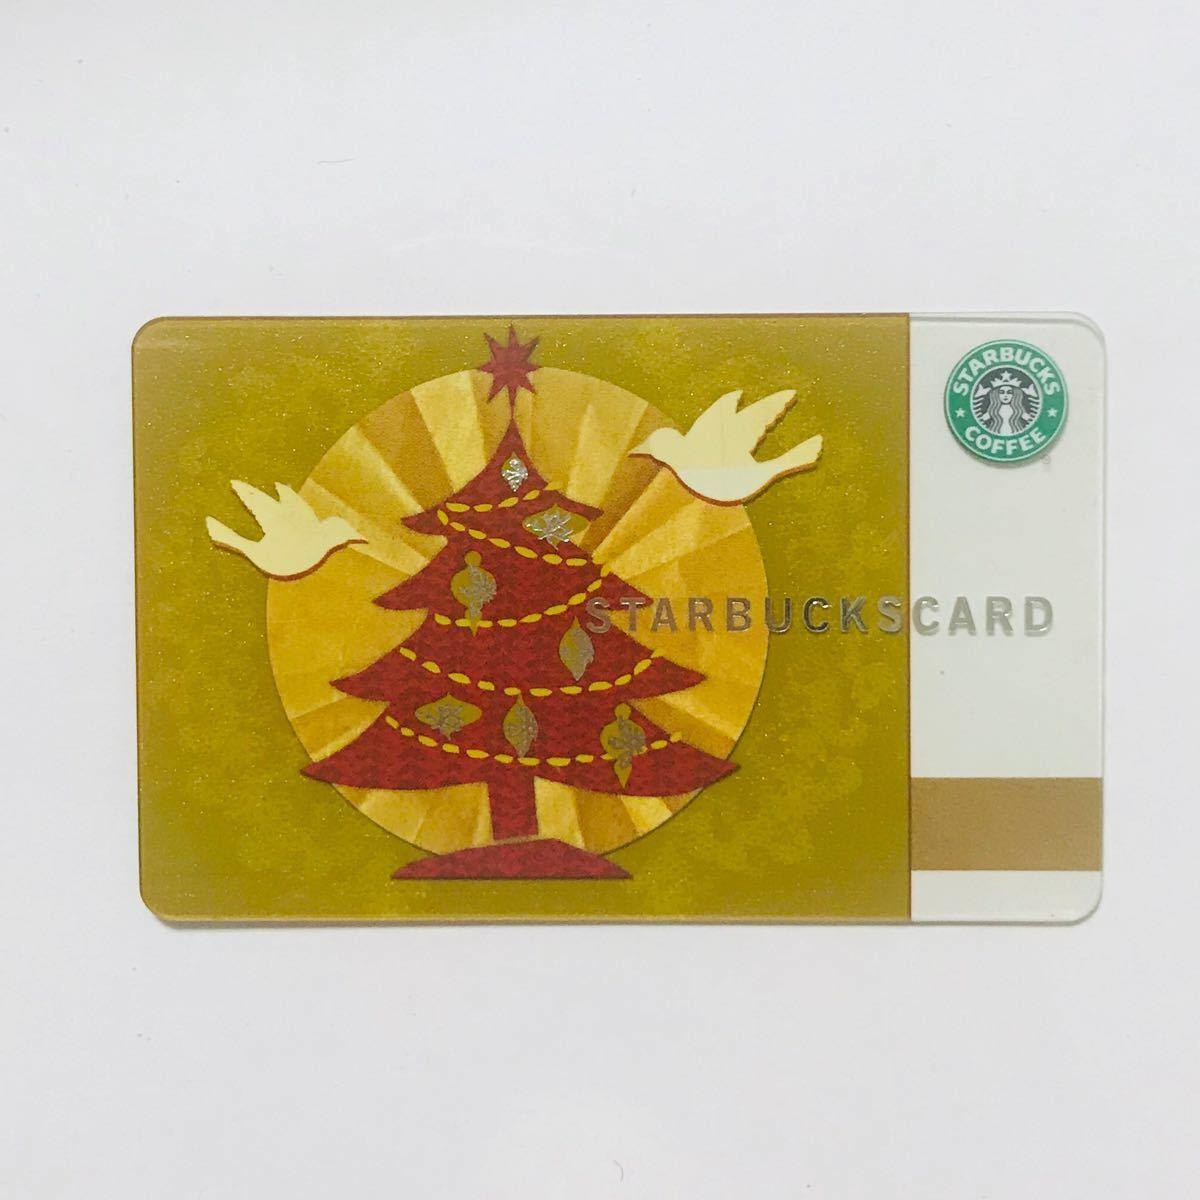 スターバックスカード 海外限定  クリスマス ホリデー スタバ スターバックス